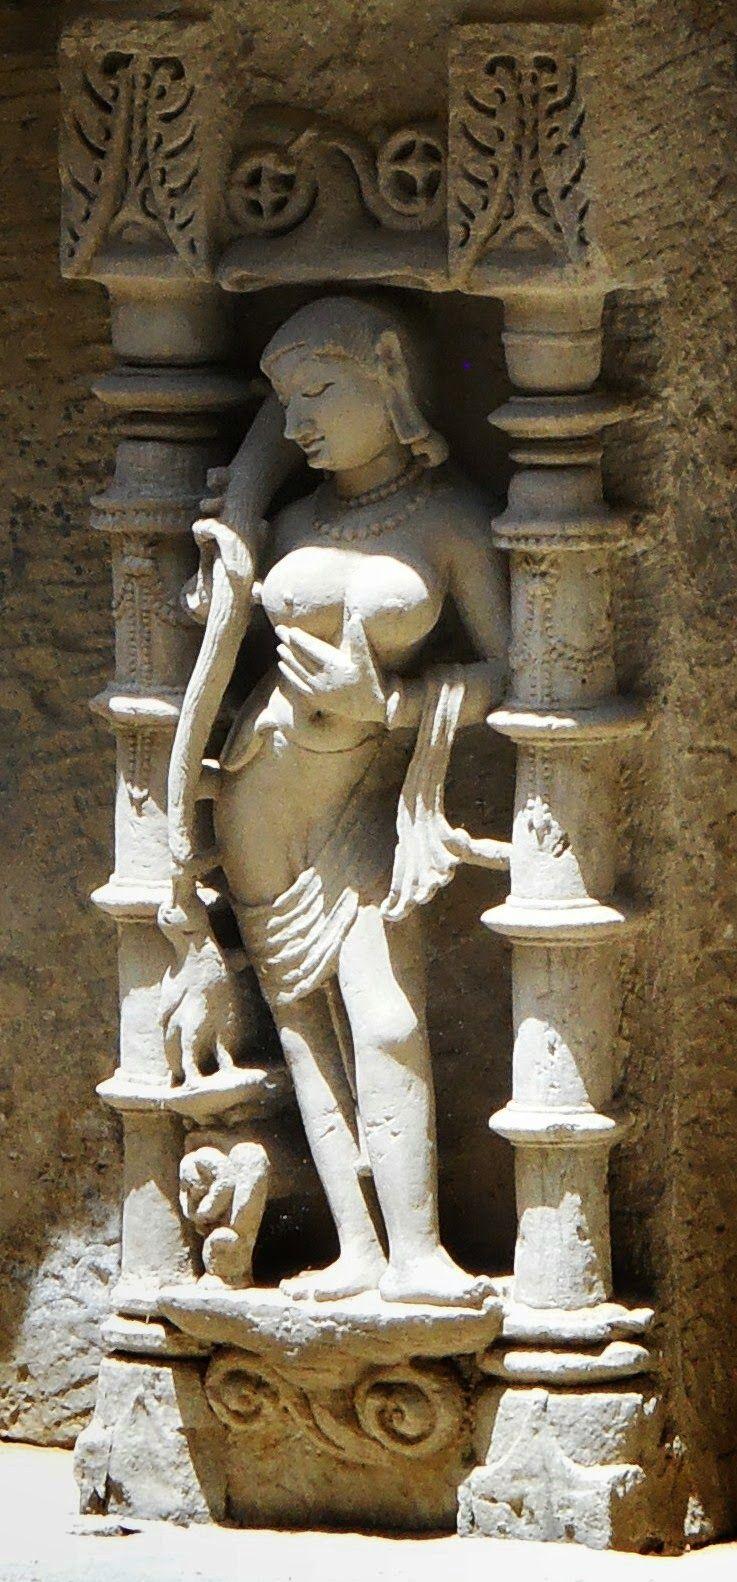 Bathing maiden. Rani ki vav. Gujarat